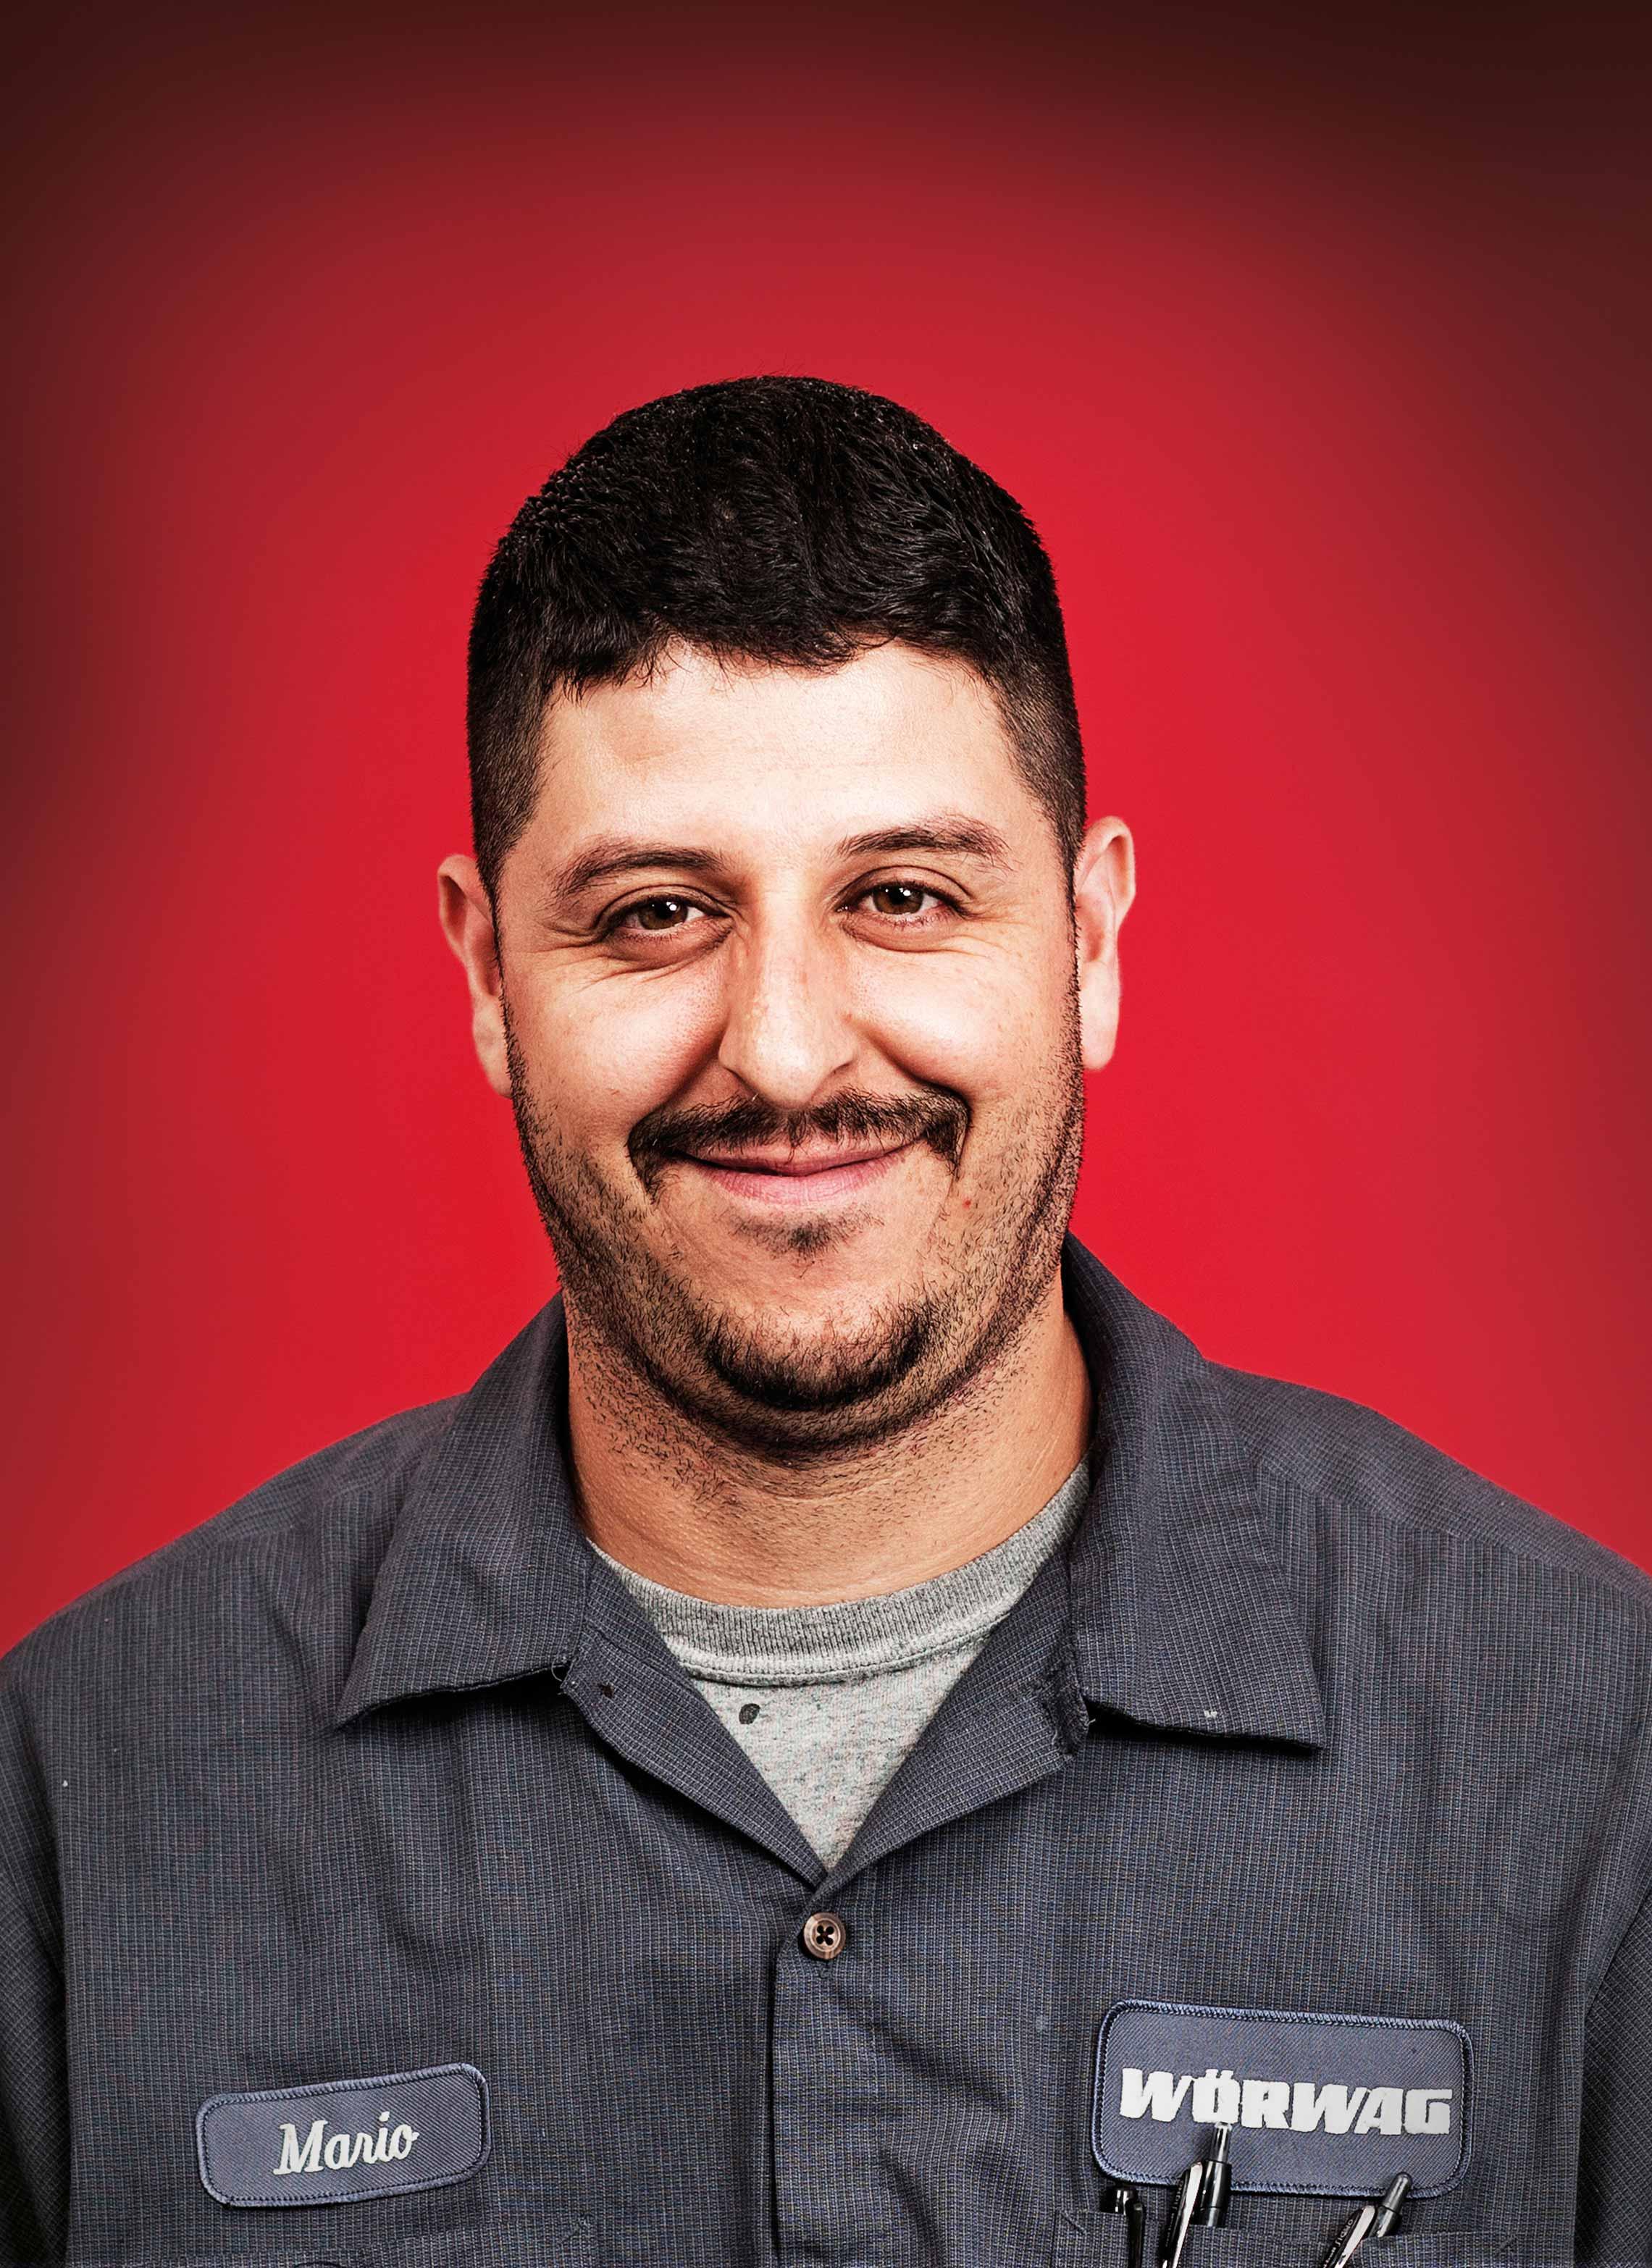 Wörwag Lafayette: Mario Munoz, Produktionsmitarbeiter